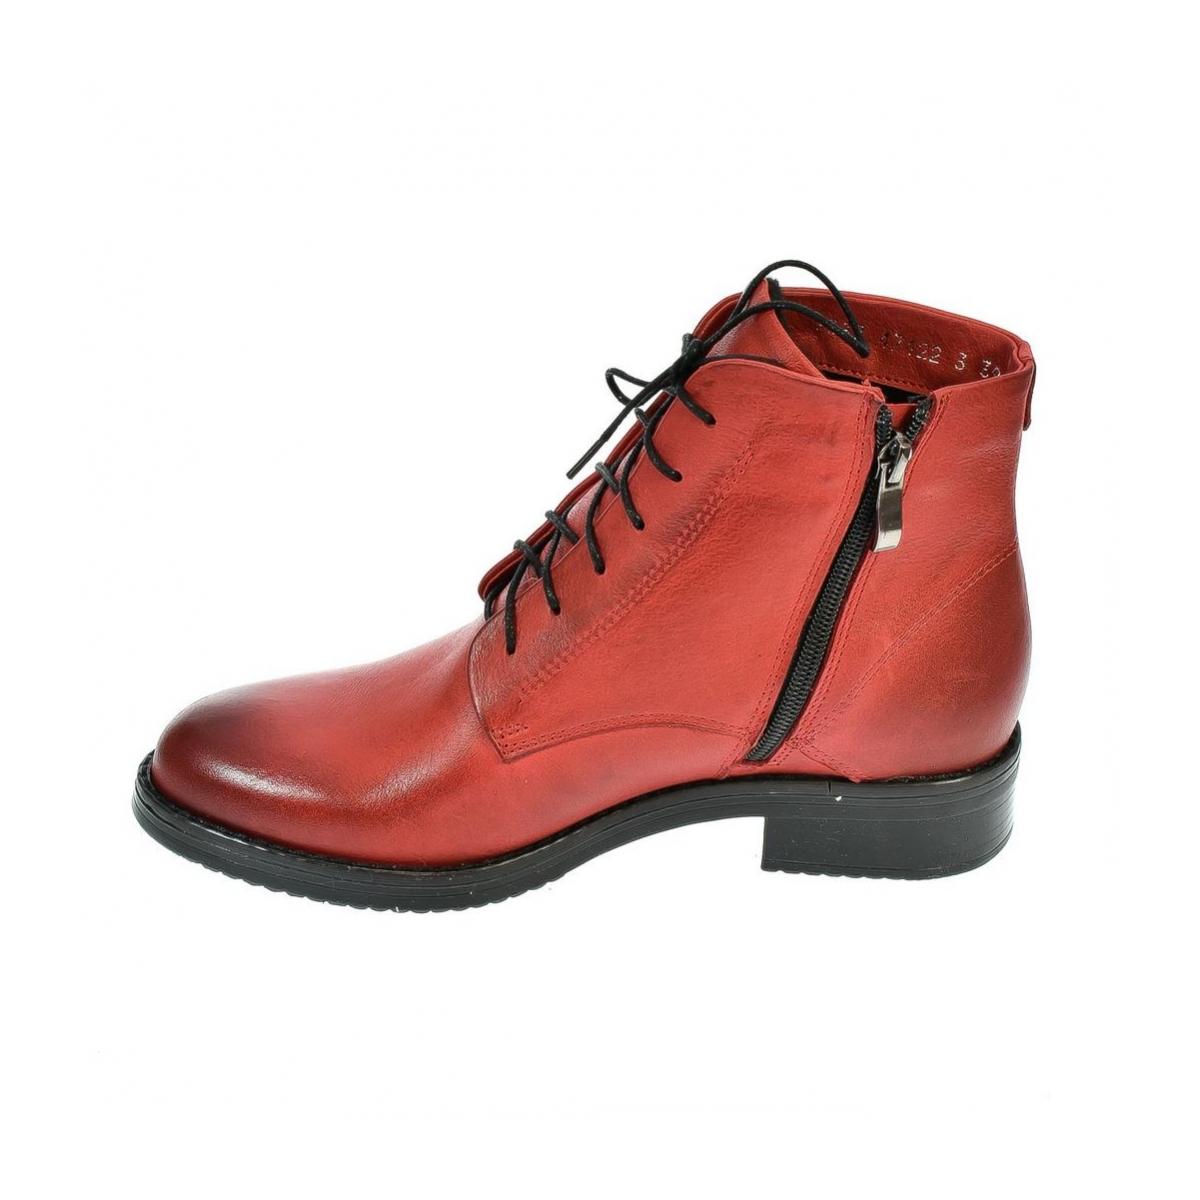 6f0694cc50997 Dámske červené členkové kožené topánky MERICAN | Johnc.sk